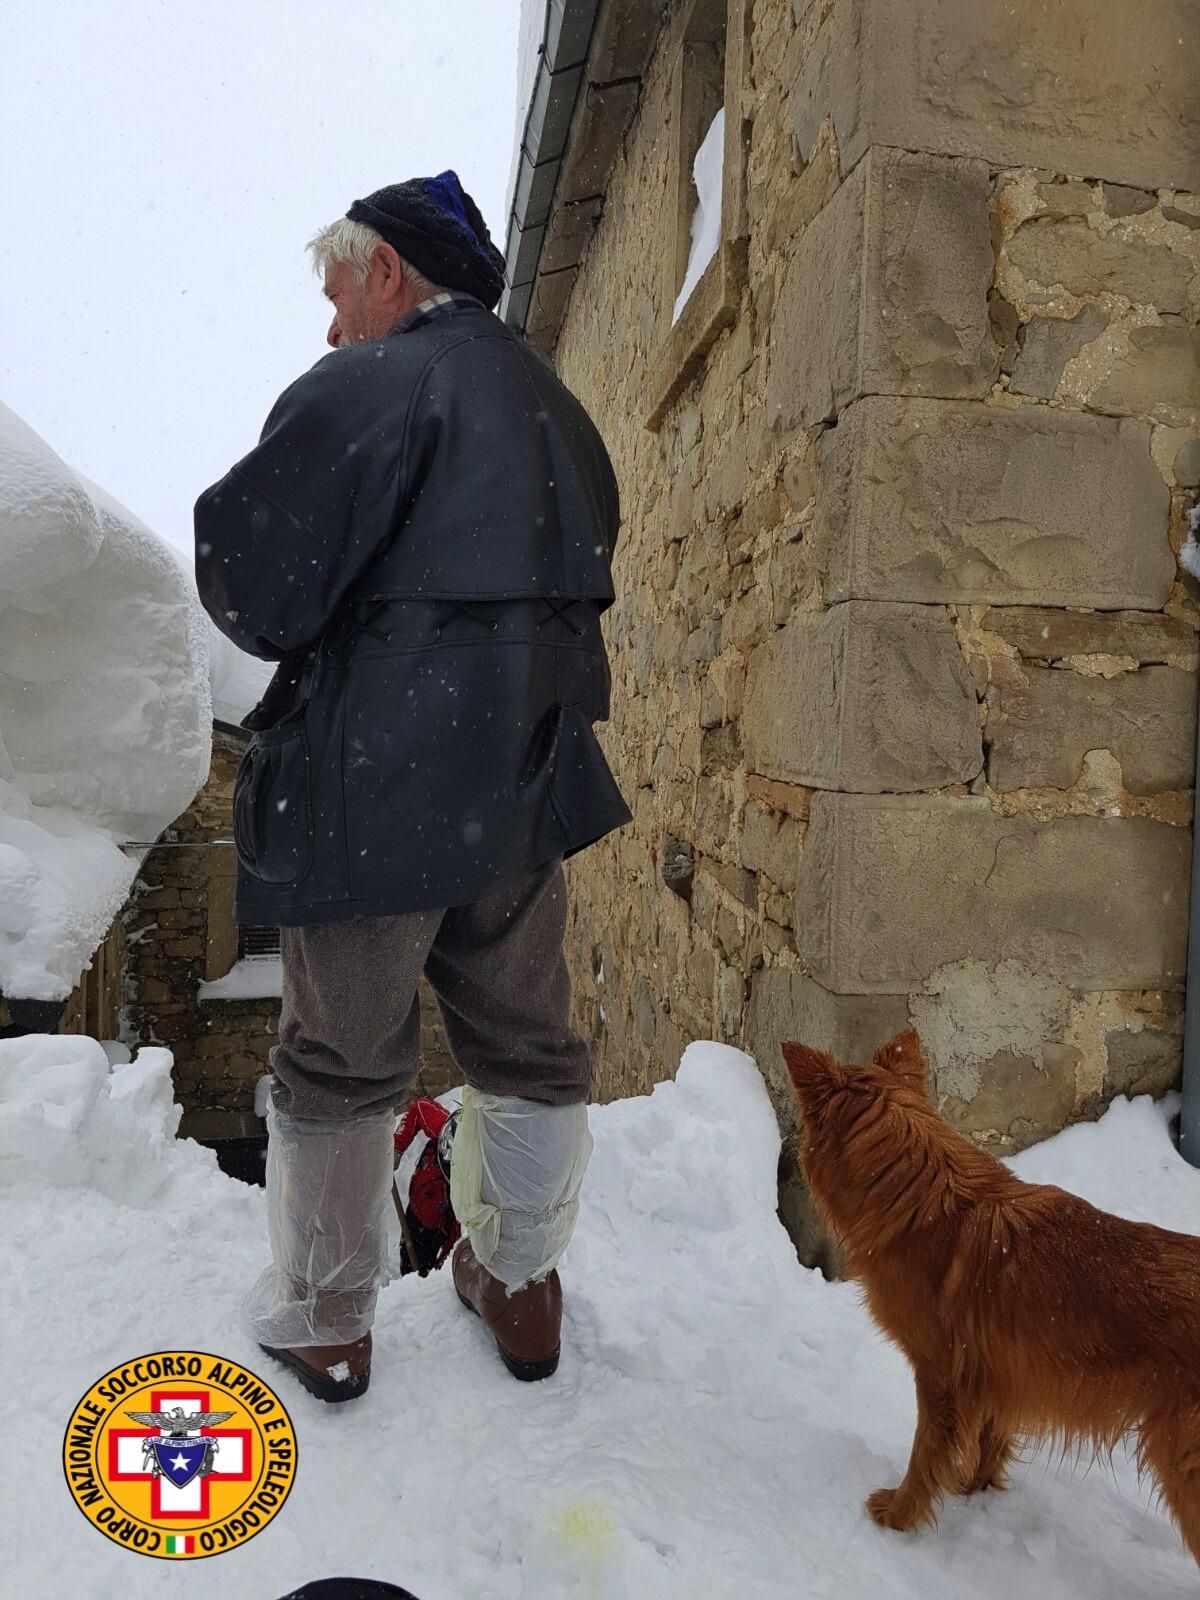 Emergenza neve in Centro Italia: il cuore straordinario dell'Italia che sa aiutare gli altri | Emergency Live 30